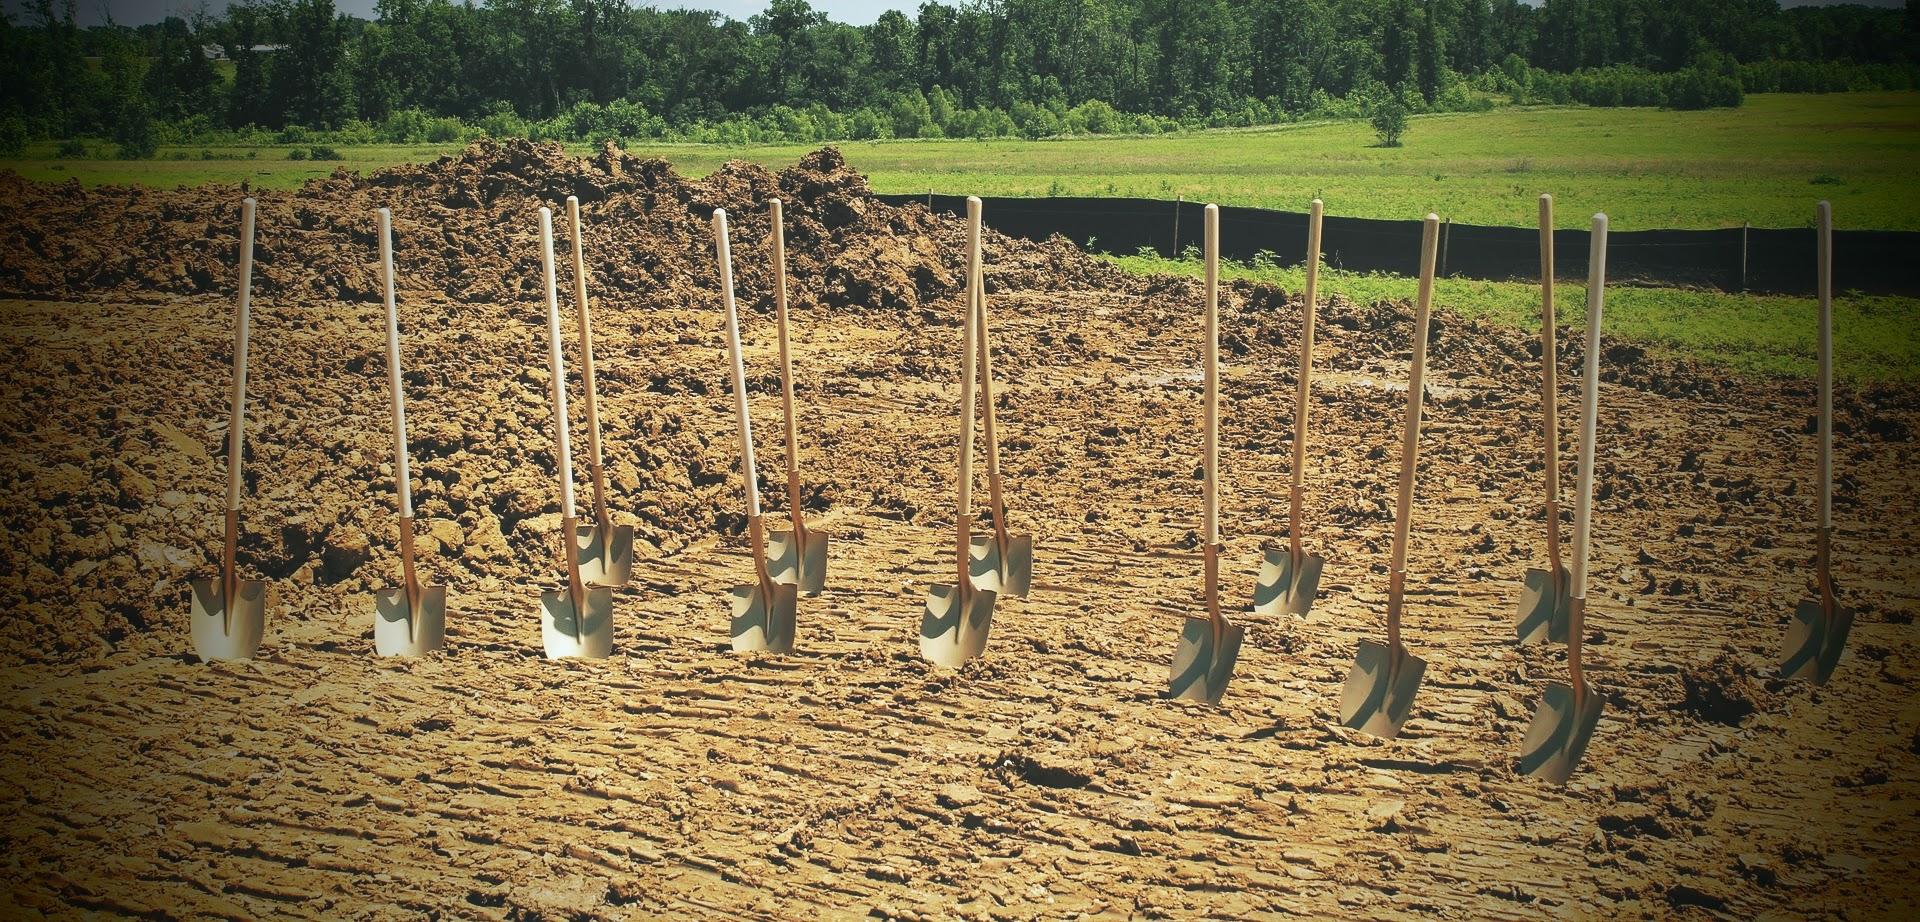 shovels of peace